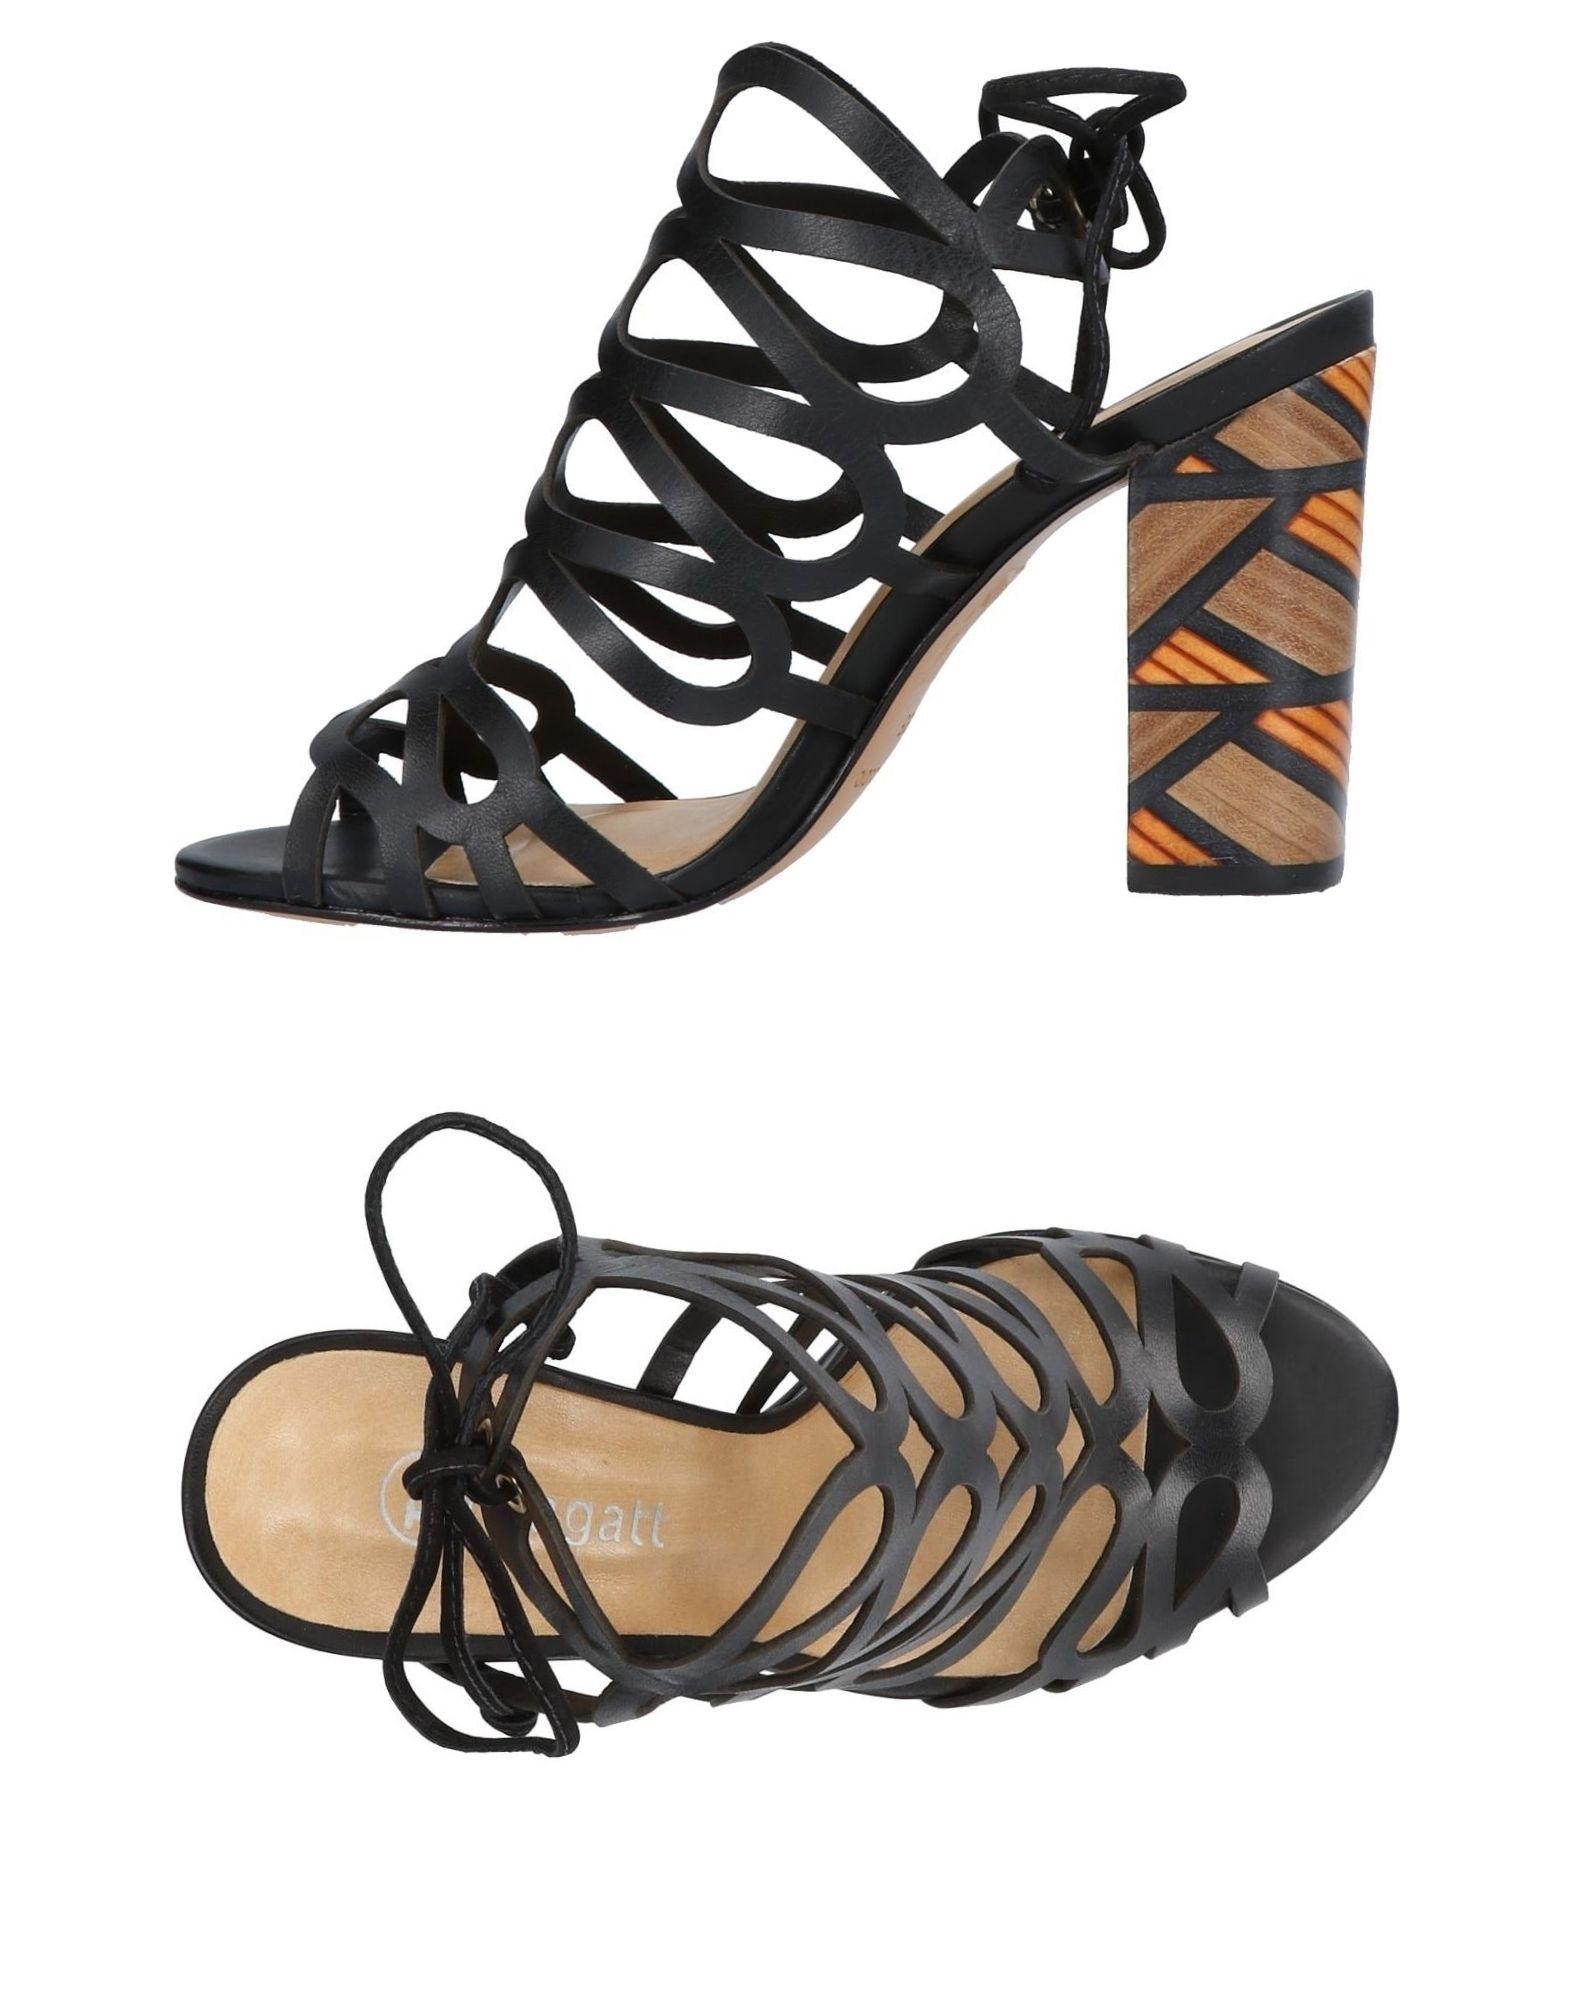 Sandali Bagatt Donna - 11429228KU Scarpe economiche e buone